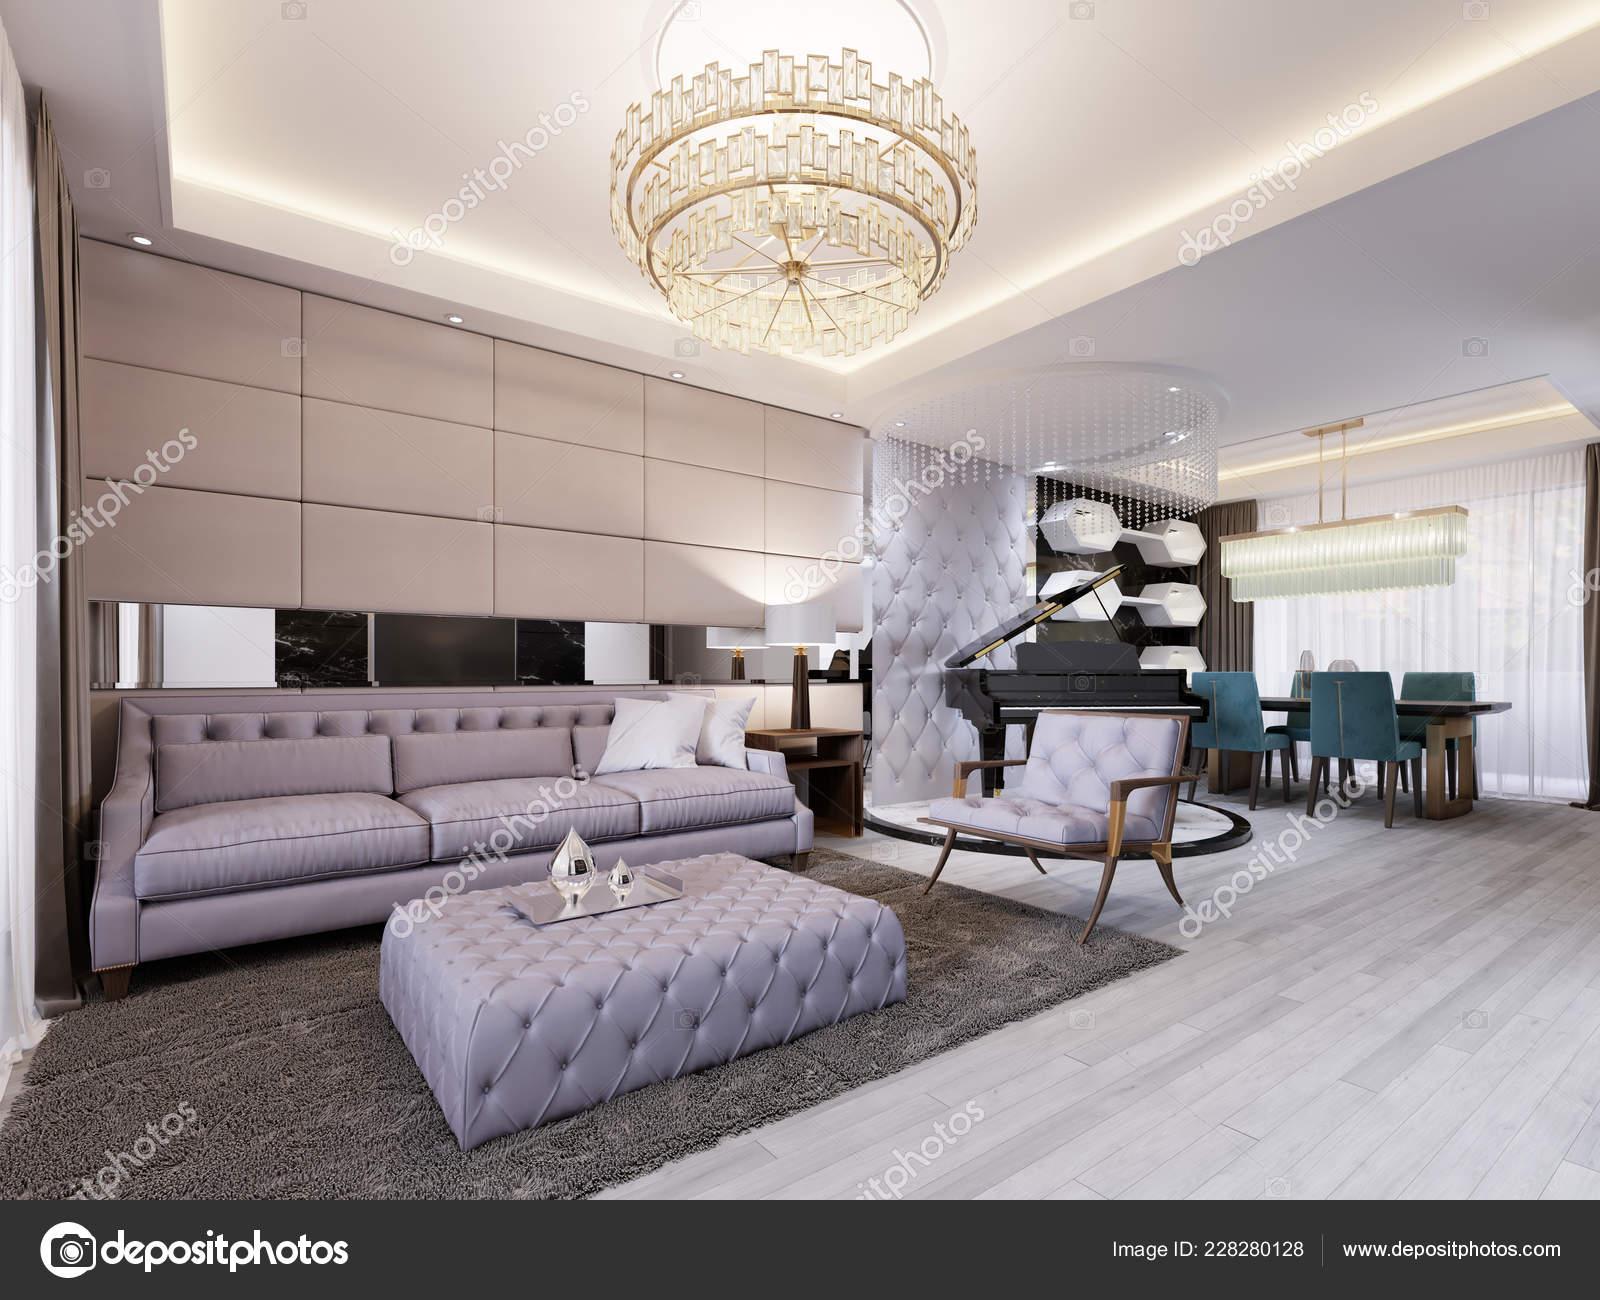 Moderno Salón Clásico Con Cuero Pared Espejo Comedor Con Mesa — Foto ...